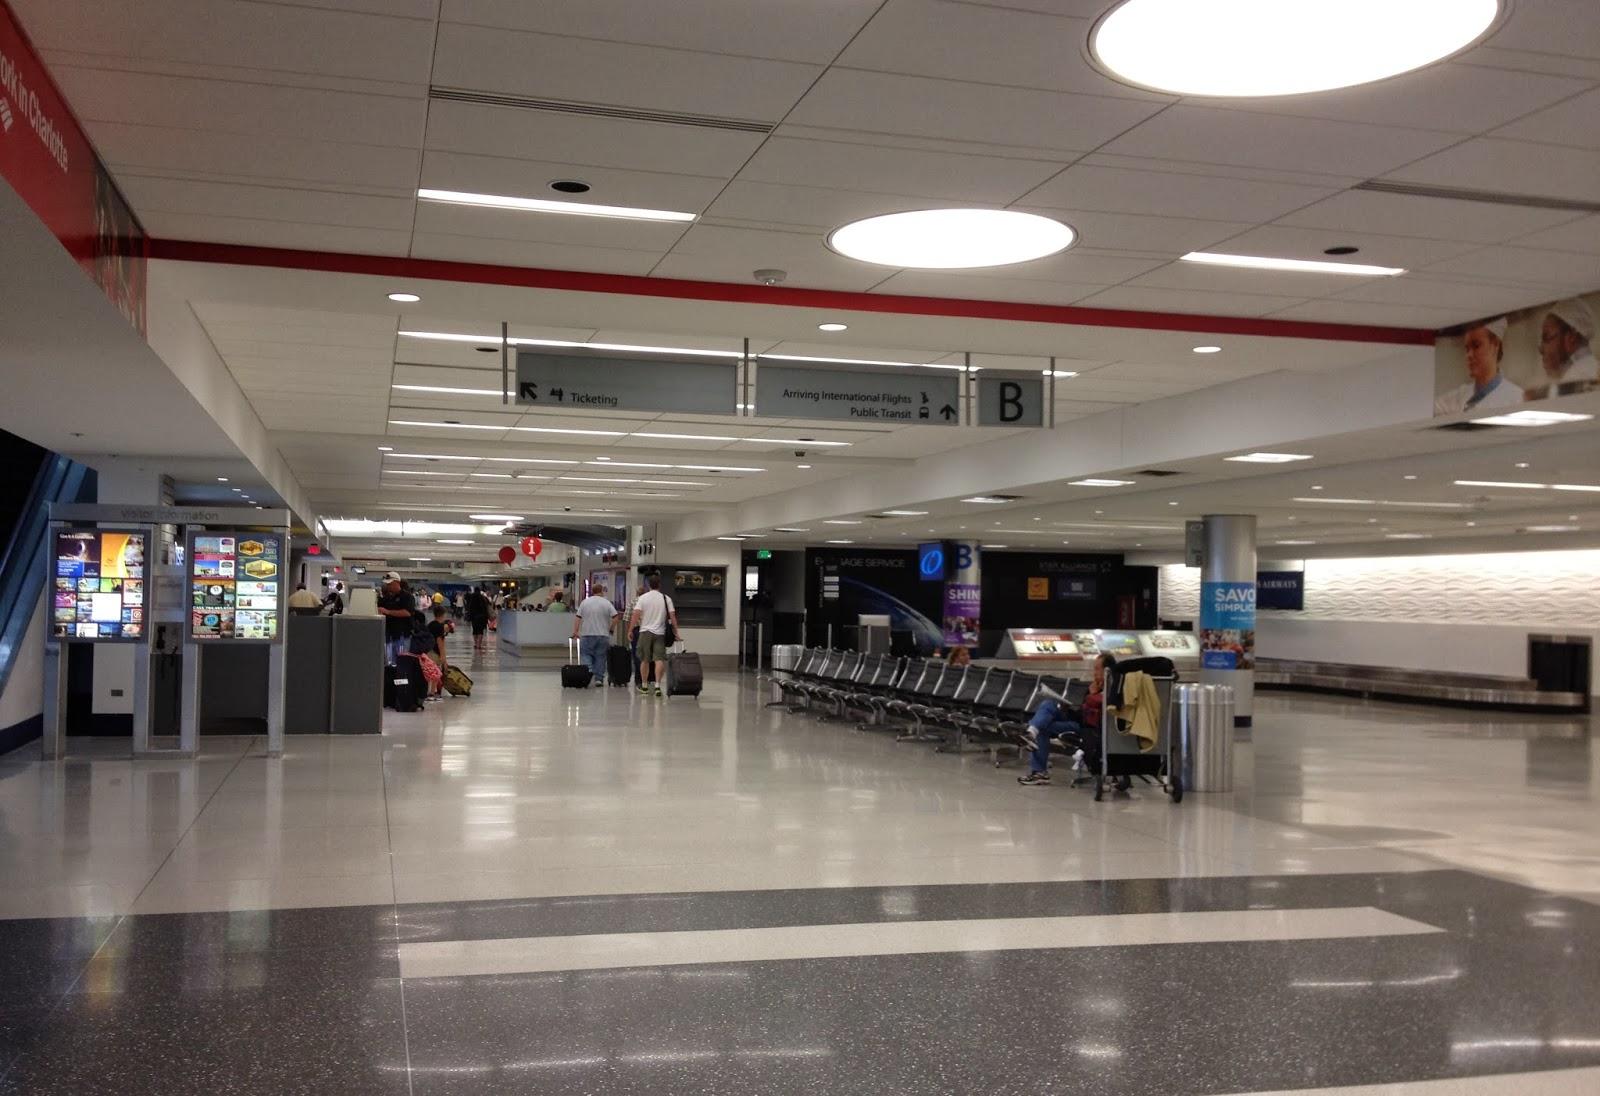 제 2탄 Clt 샬롯 더글라스 인터네셔널 공항 Charlotte Douglas